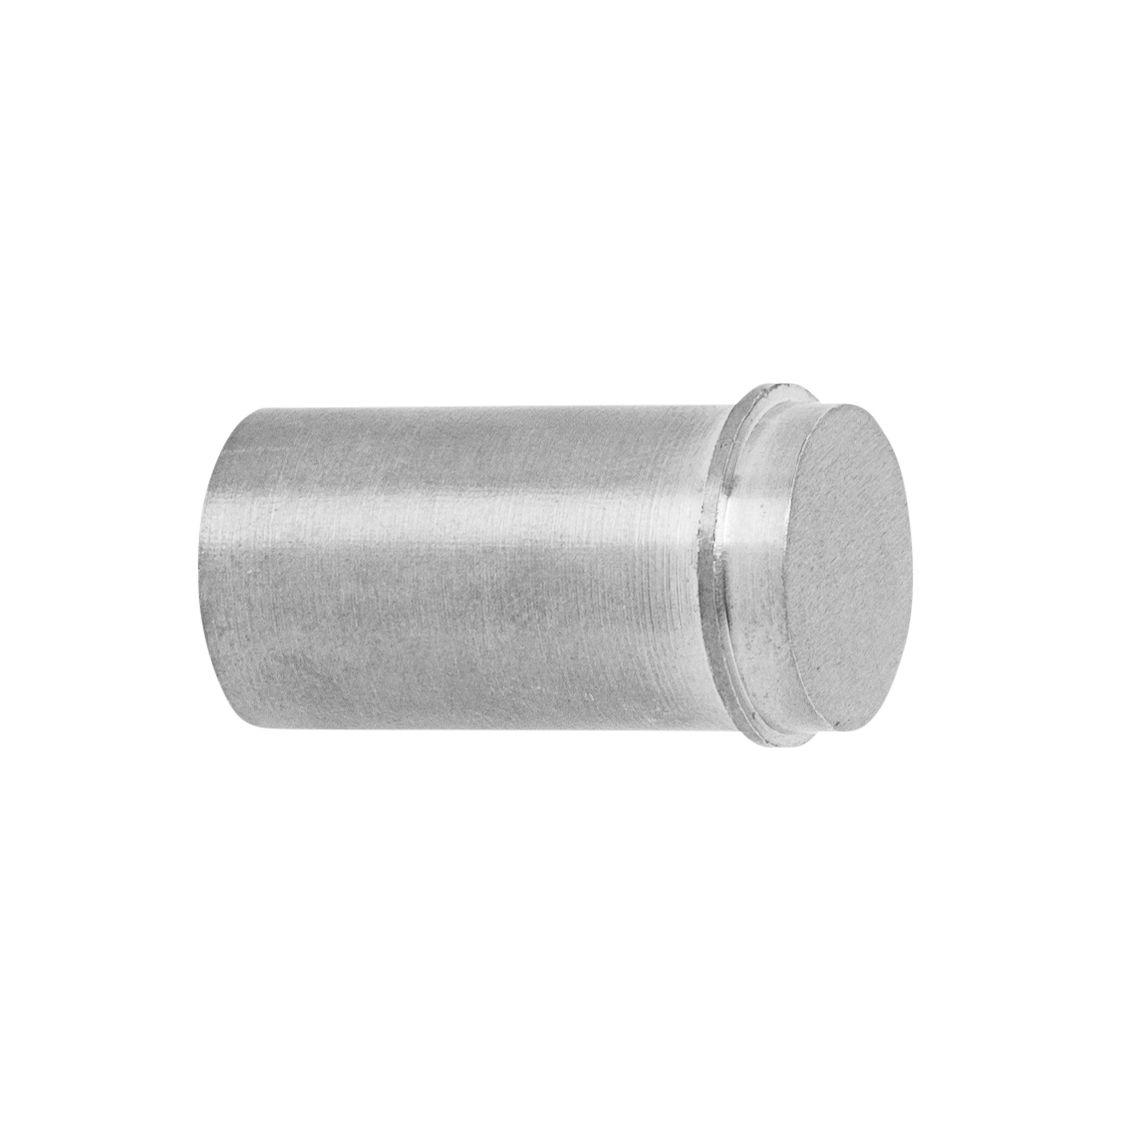 Furniture - Coat Racks & Pegs - Métal Small Hook - / Handle - Ø 2 cm by Ferm Living - Steel - Stainless steel